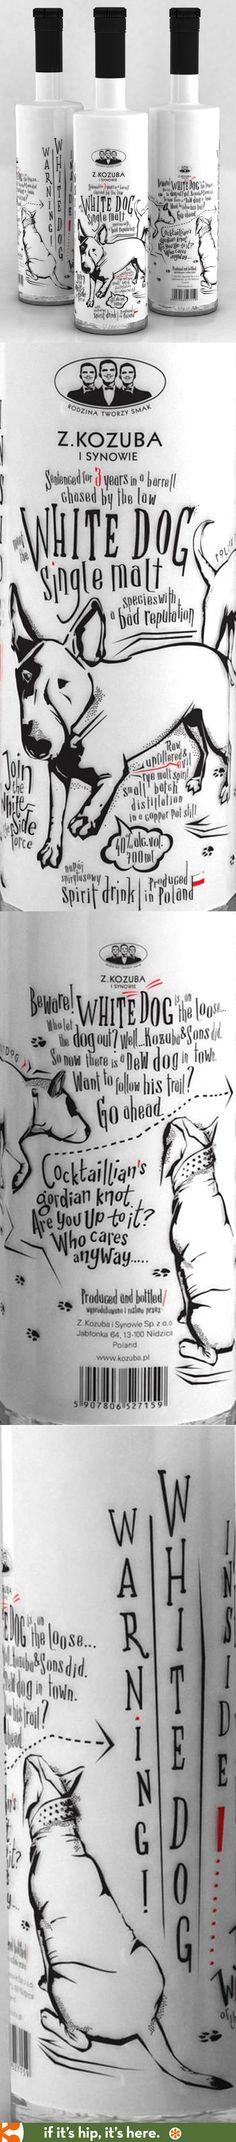 Fun bottle design for White Dog Single Malt.